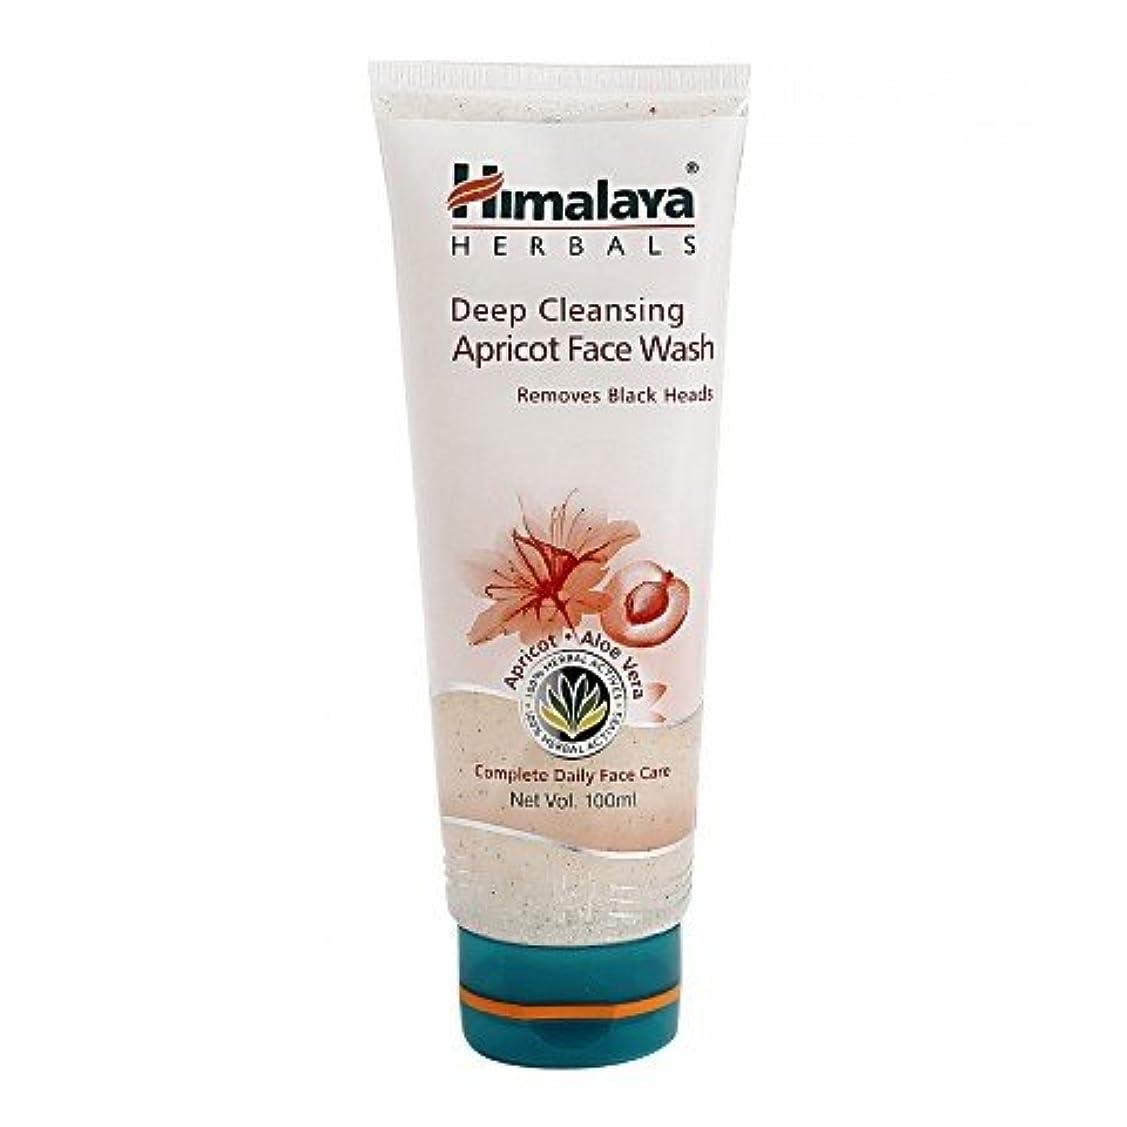 真鍮月面クッションHimalaya Gentle Exfoliating Daily Face Wash 100gm